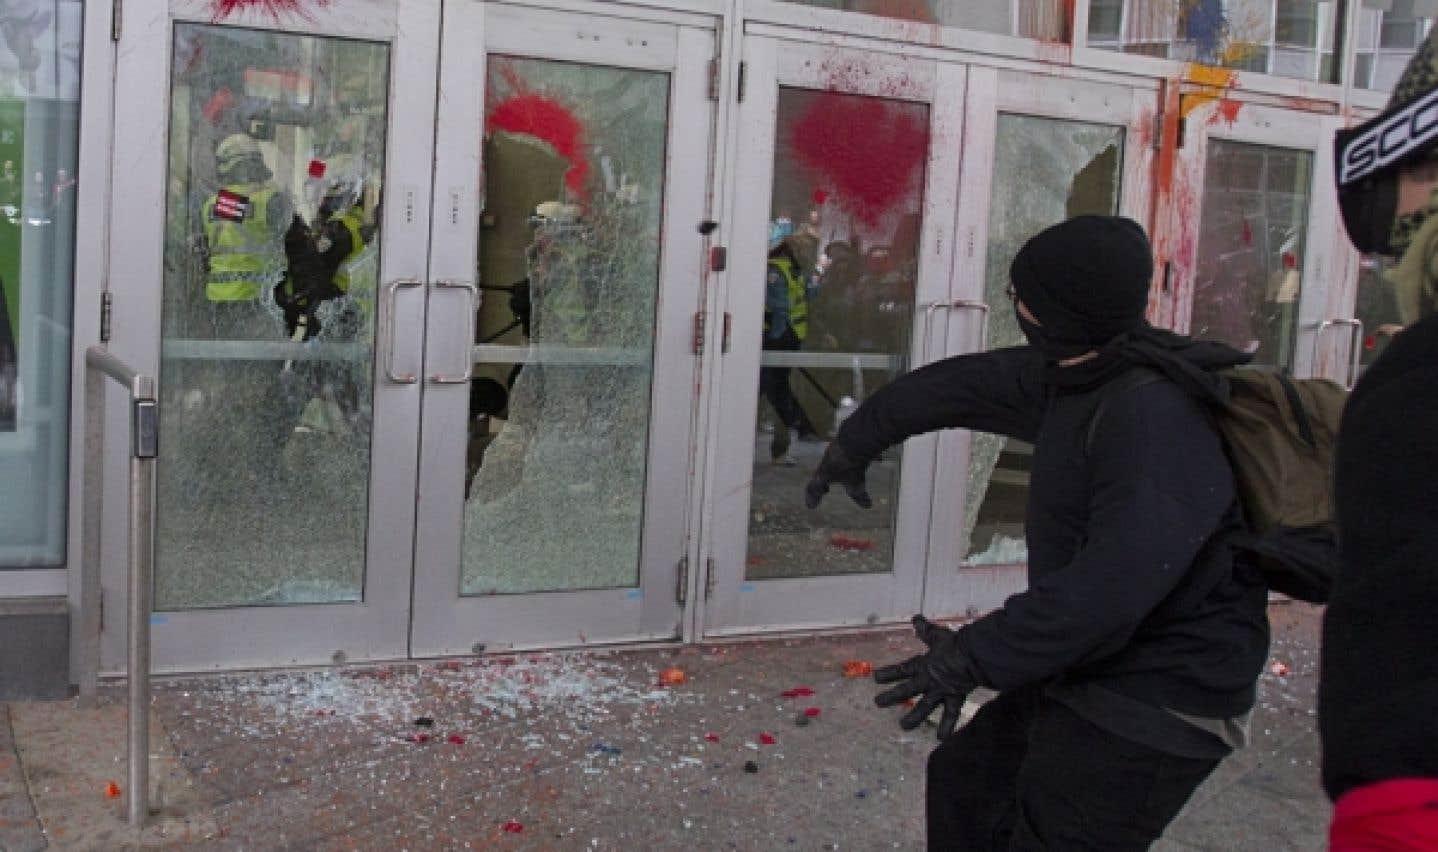 Des manifestants ont fracassé les portes vitrées du Palais des congrès de Montréal, où le premier ministre Jean Charest prononçait une allocution sur le Plan Nord.